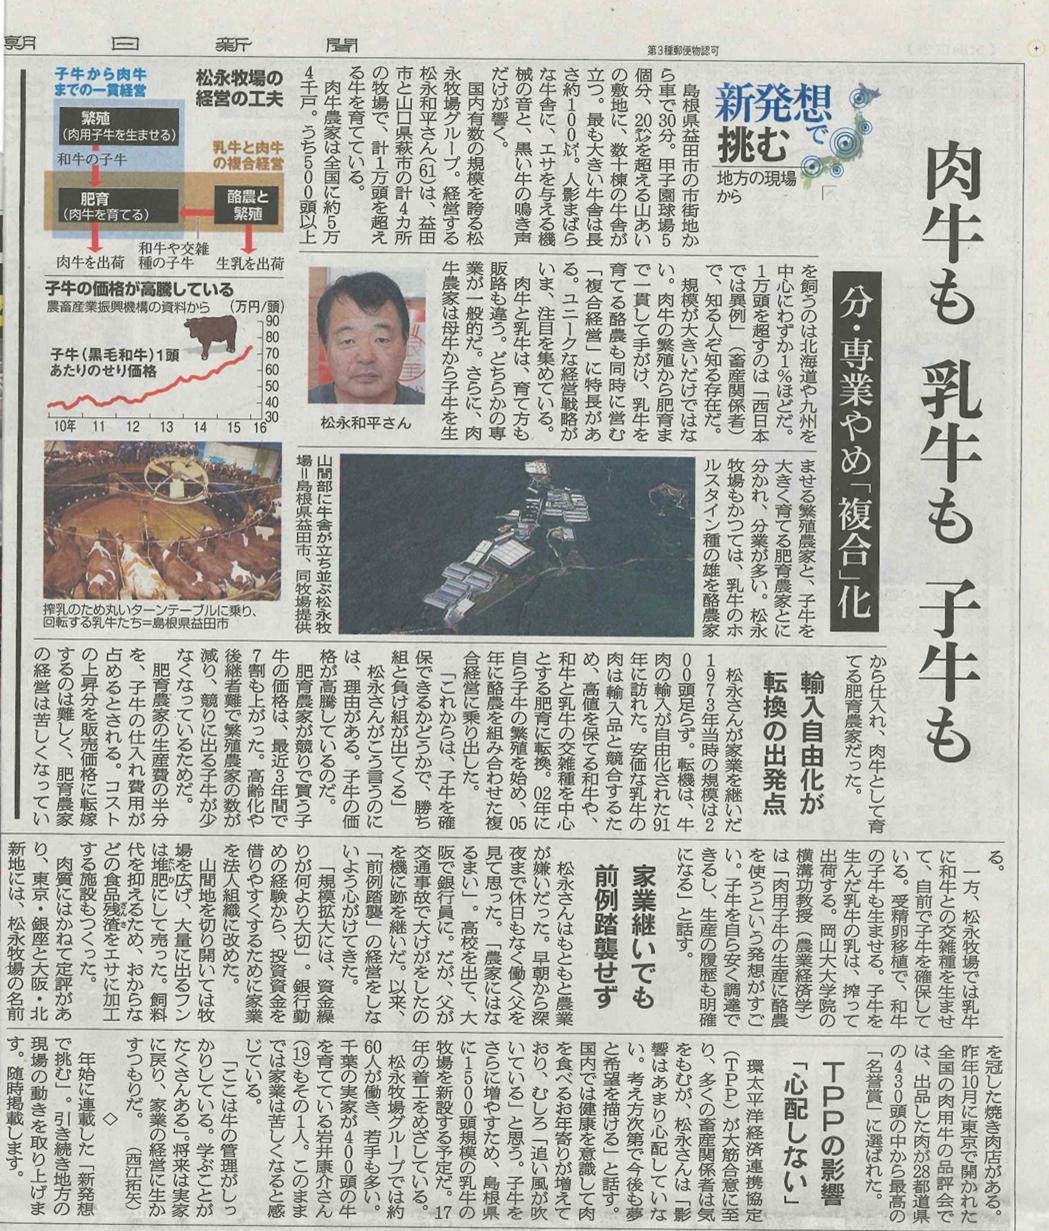 朝日新聞掲載記事 | 株式会社松...